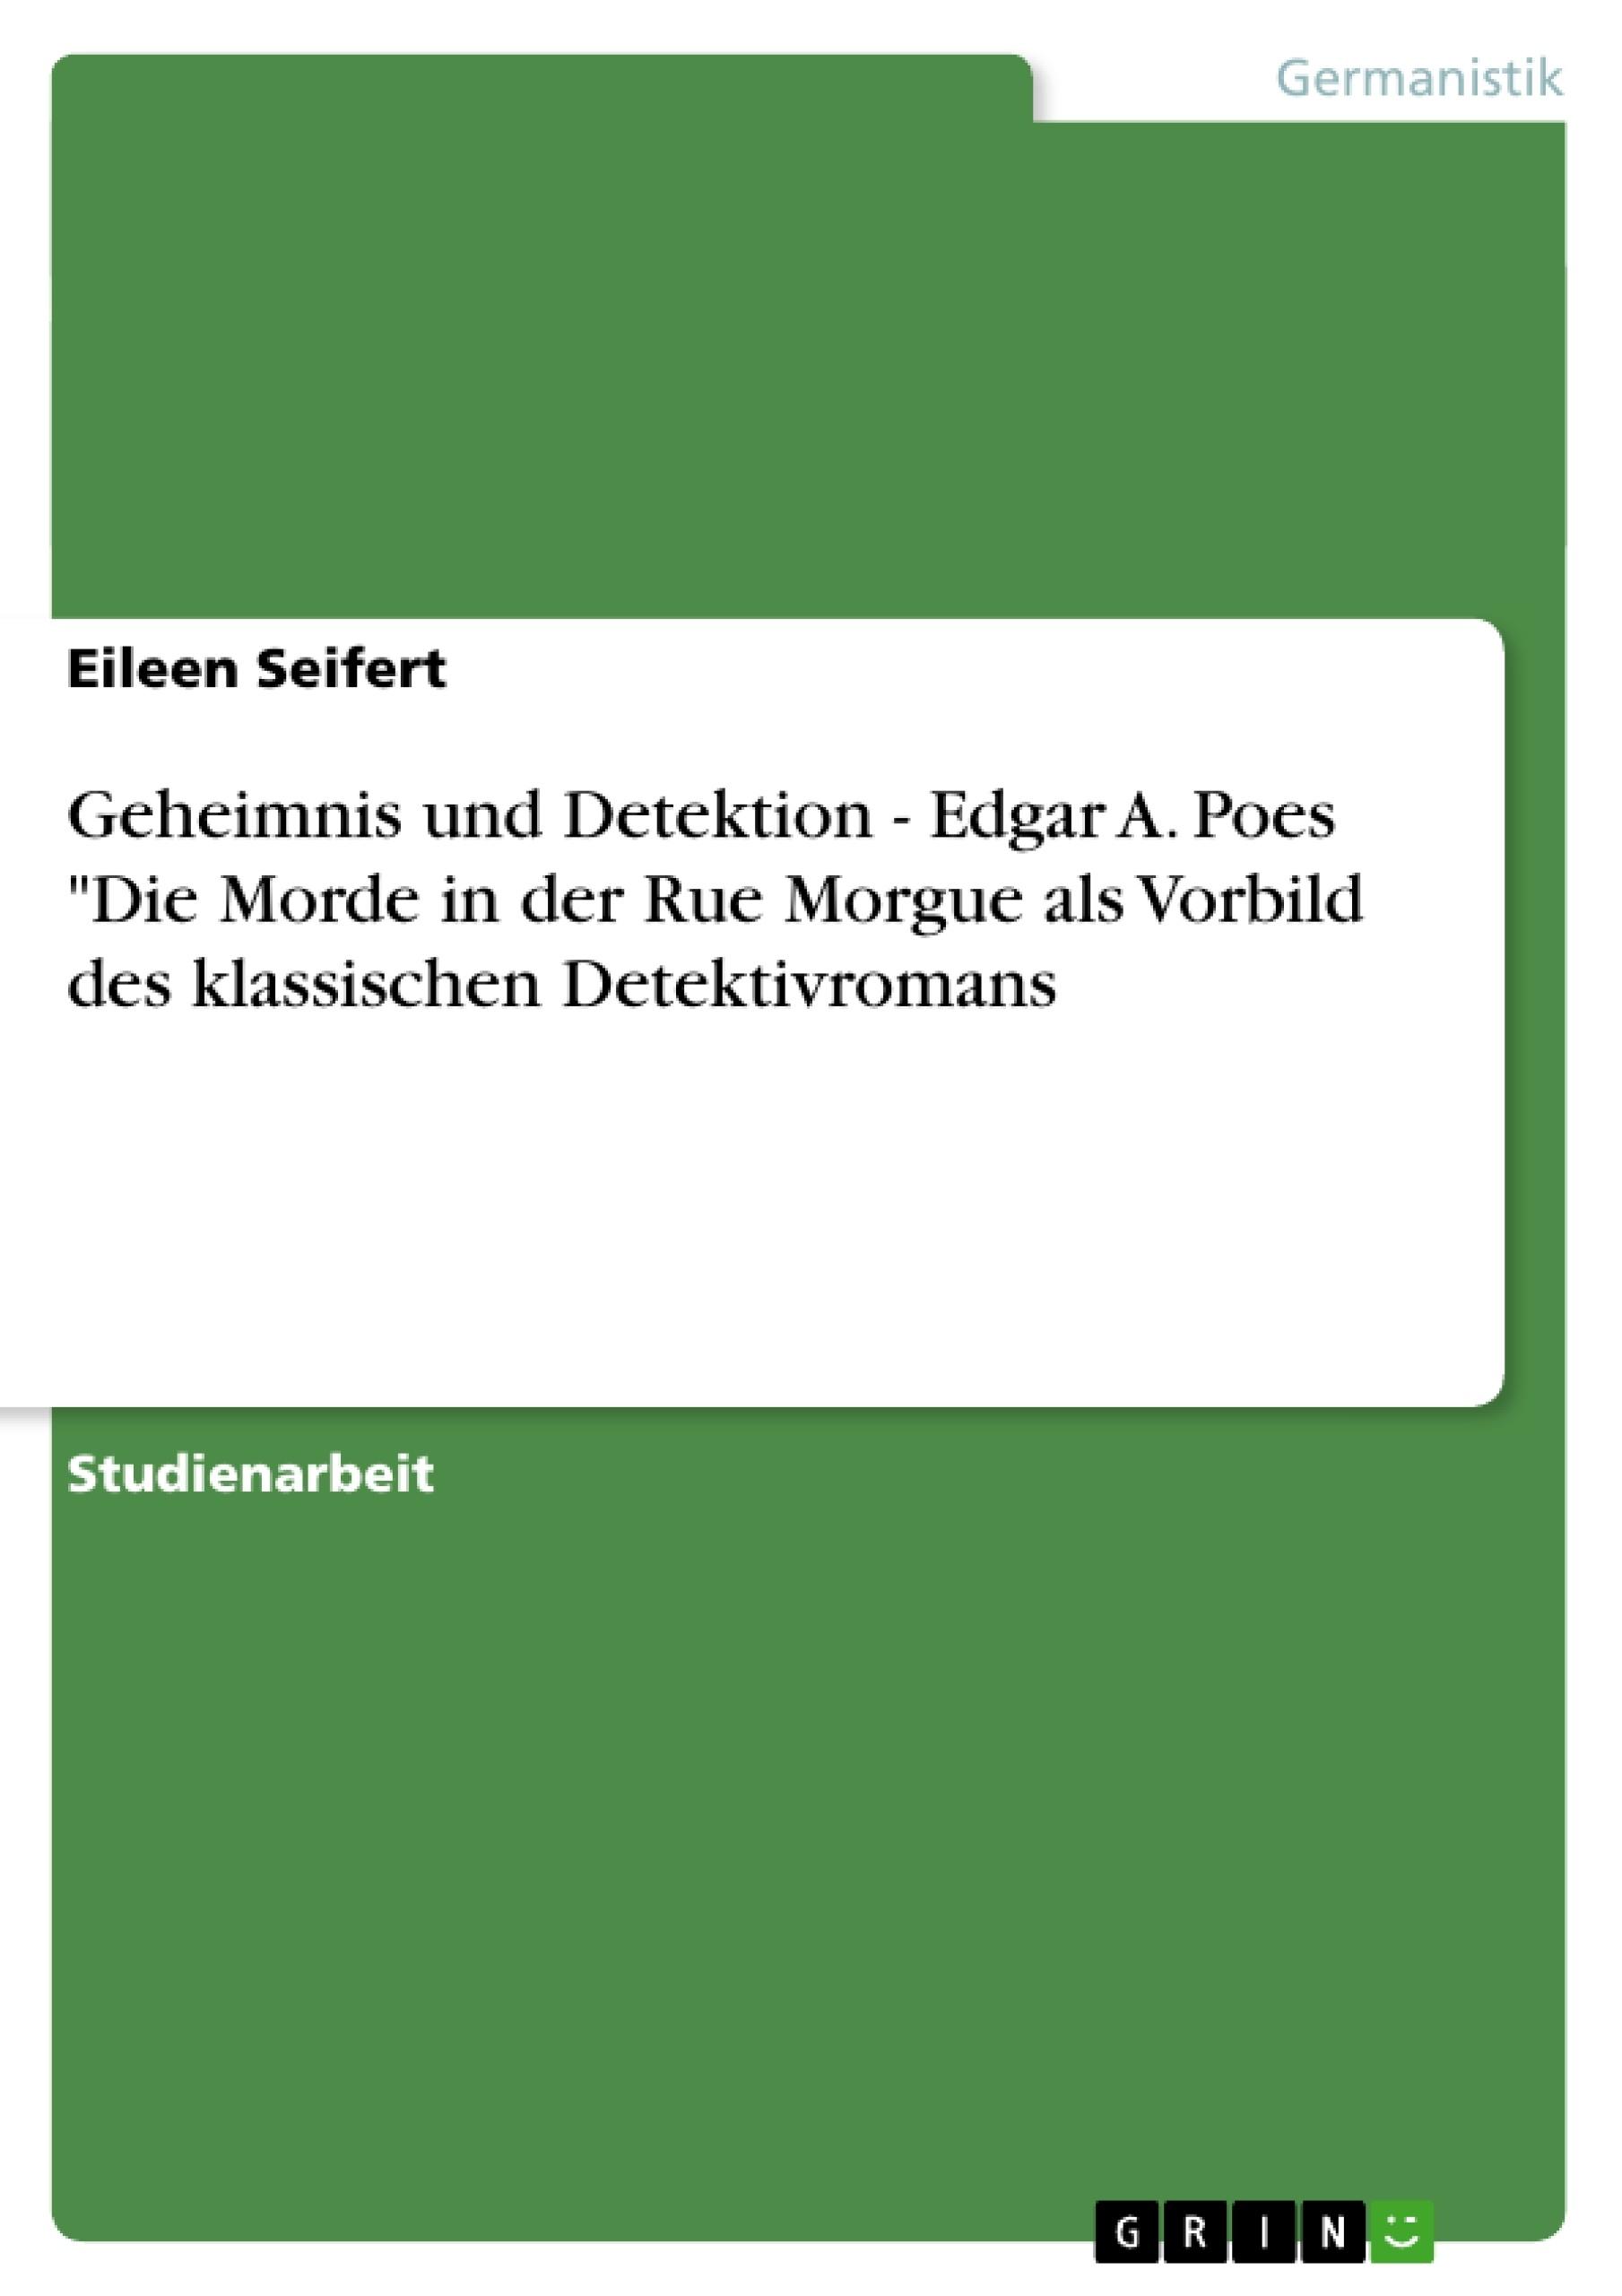 """Titel: Geheimnis und Detektion - Edgar A. Poes """"Die Morde in der Rue Morgue als Vorbild des klassischen Detektivromans"""